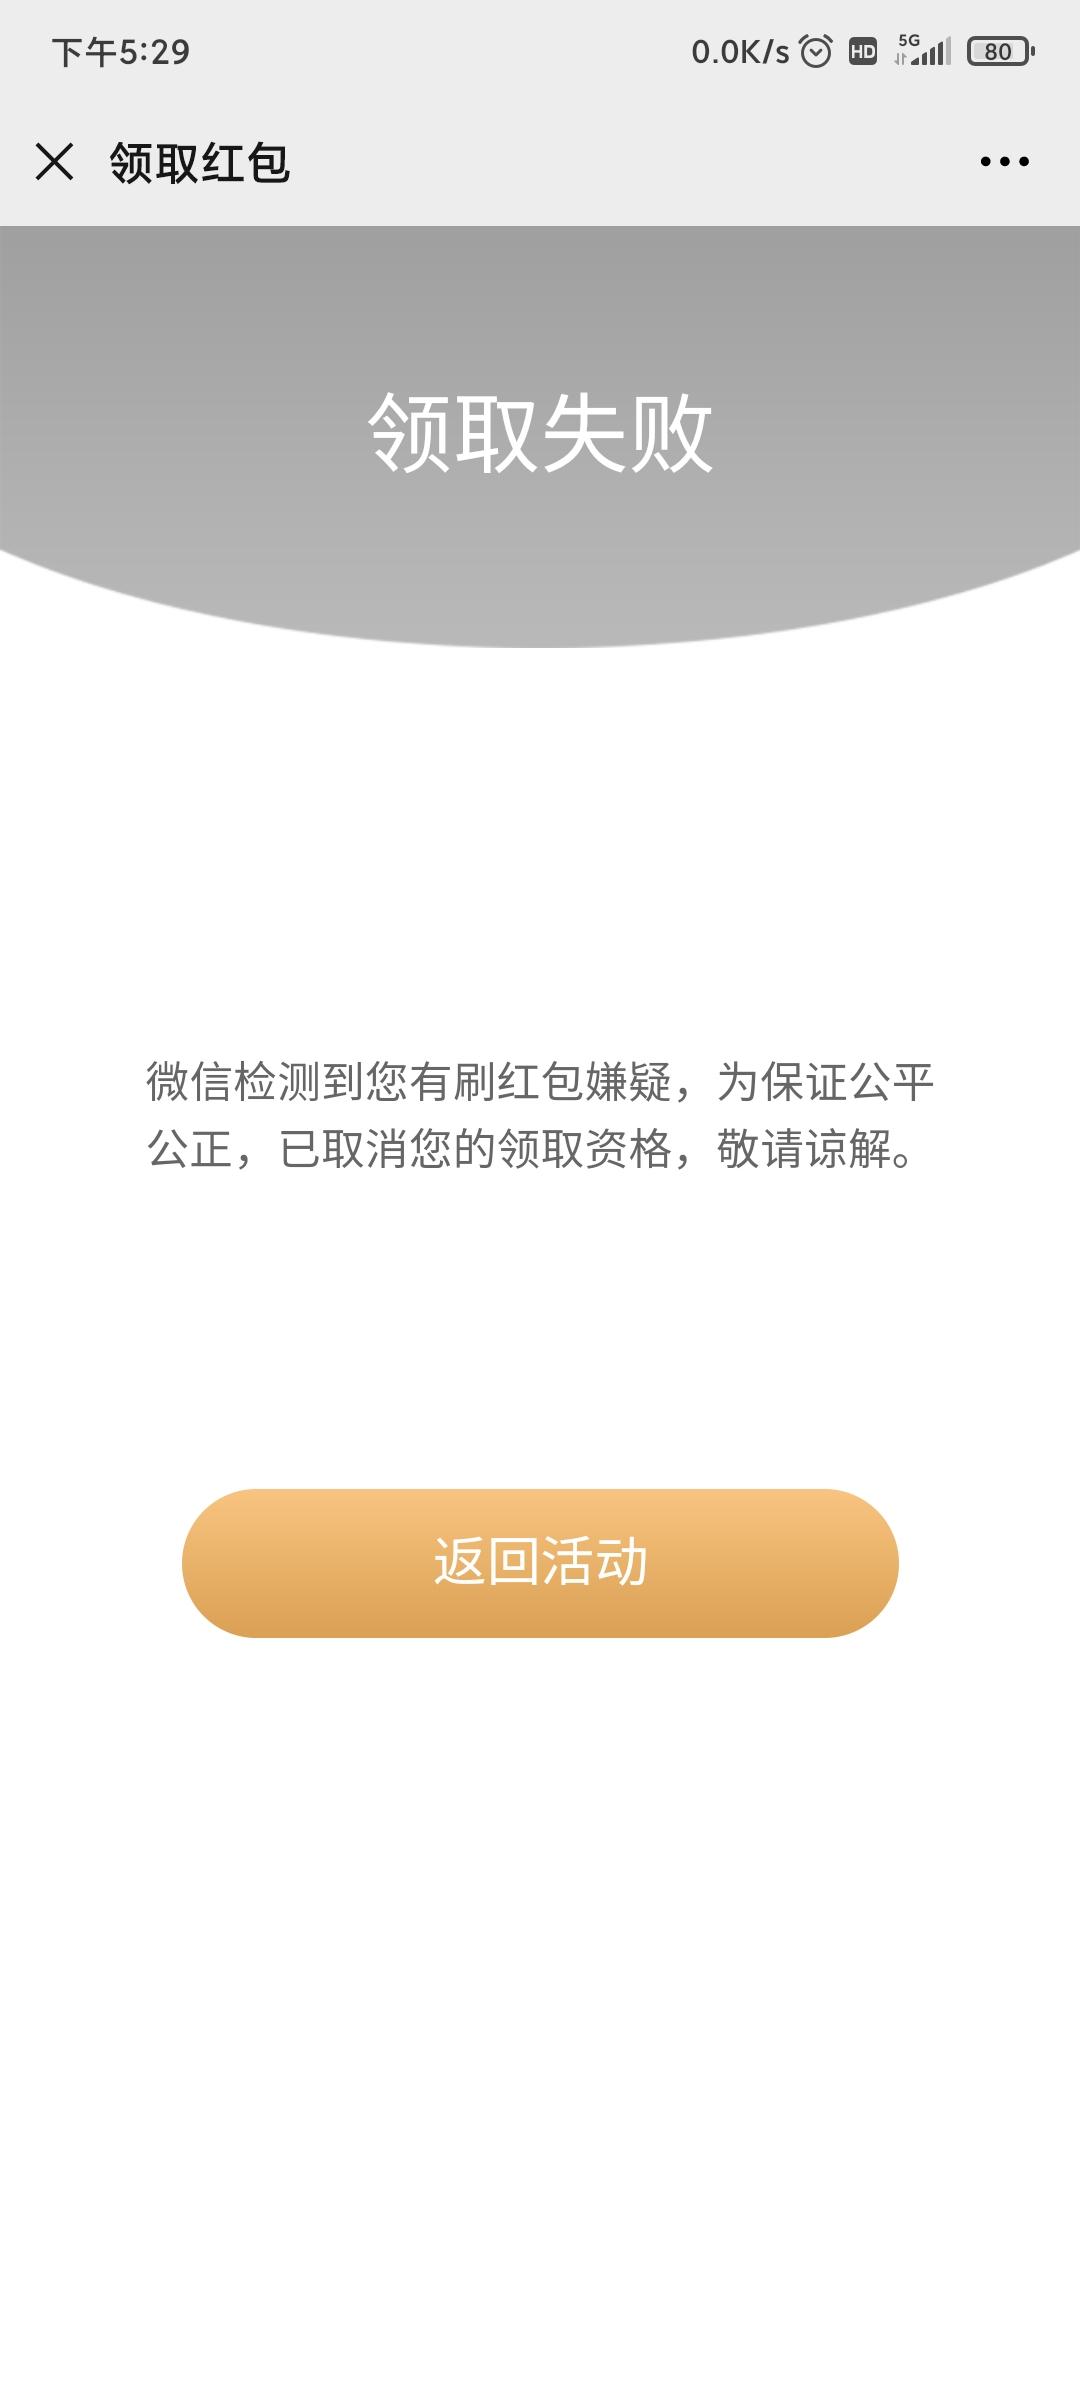 【现金红包】娄星市场监管局知识答题抽红包-聚合资源网